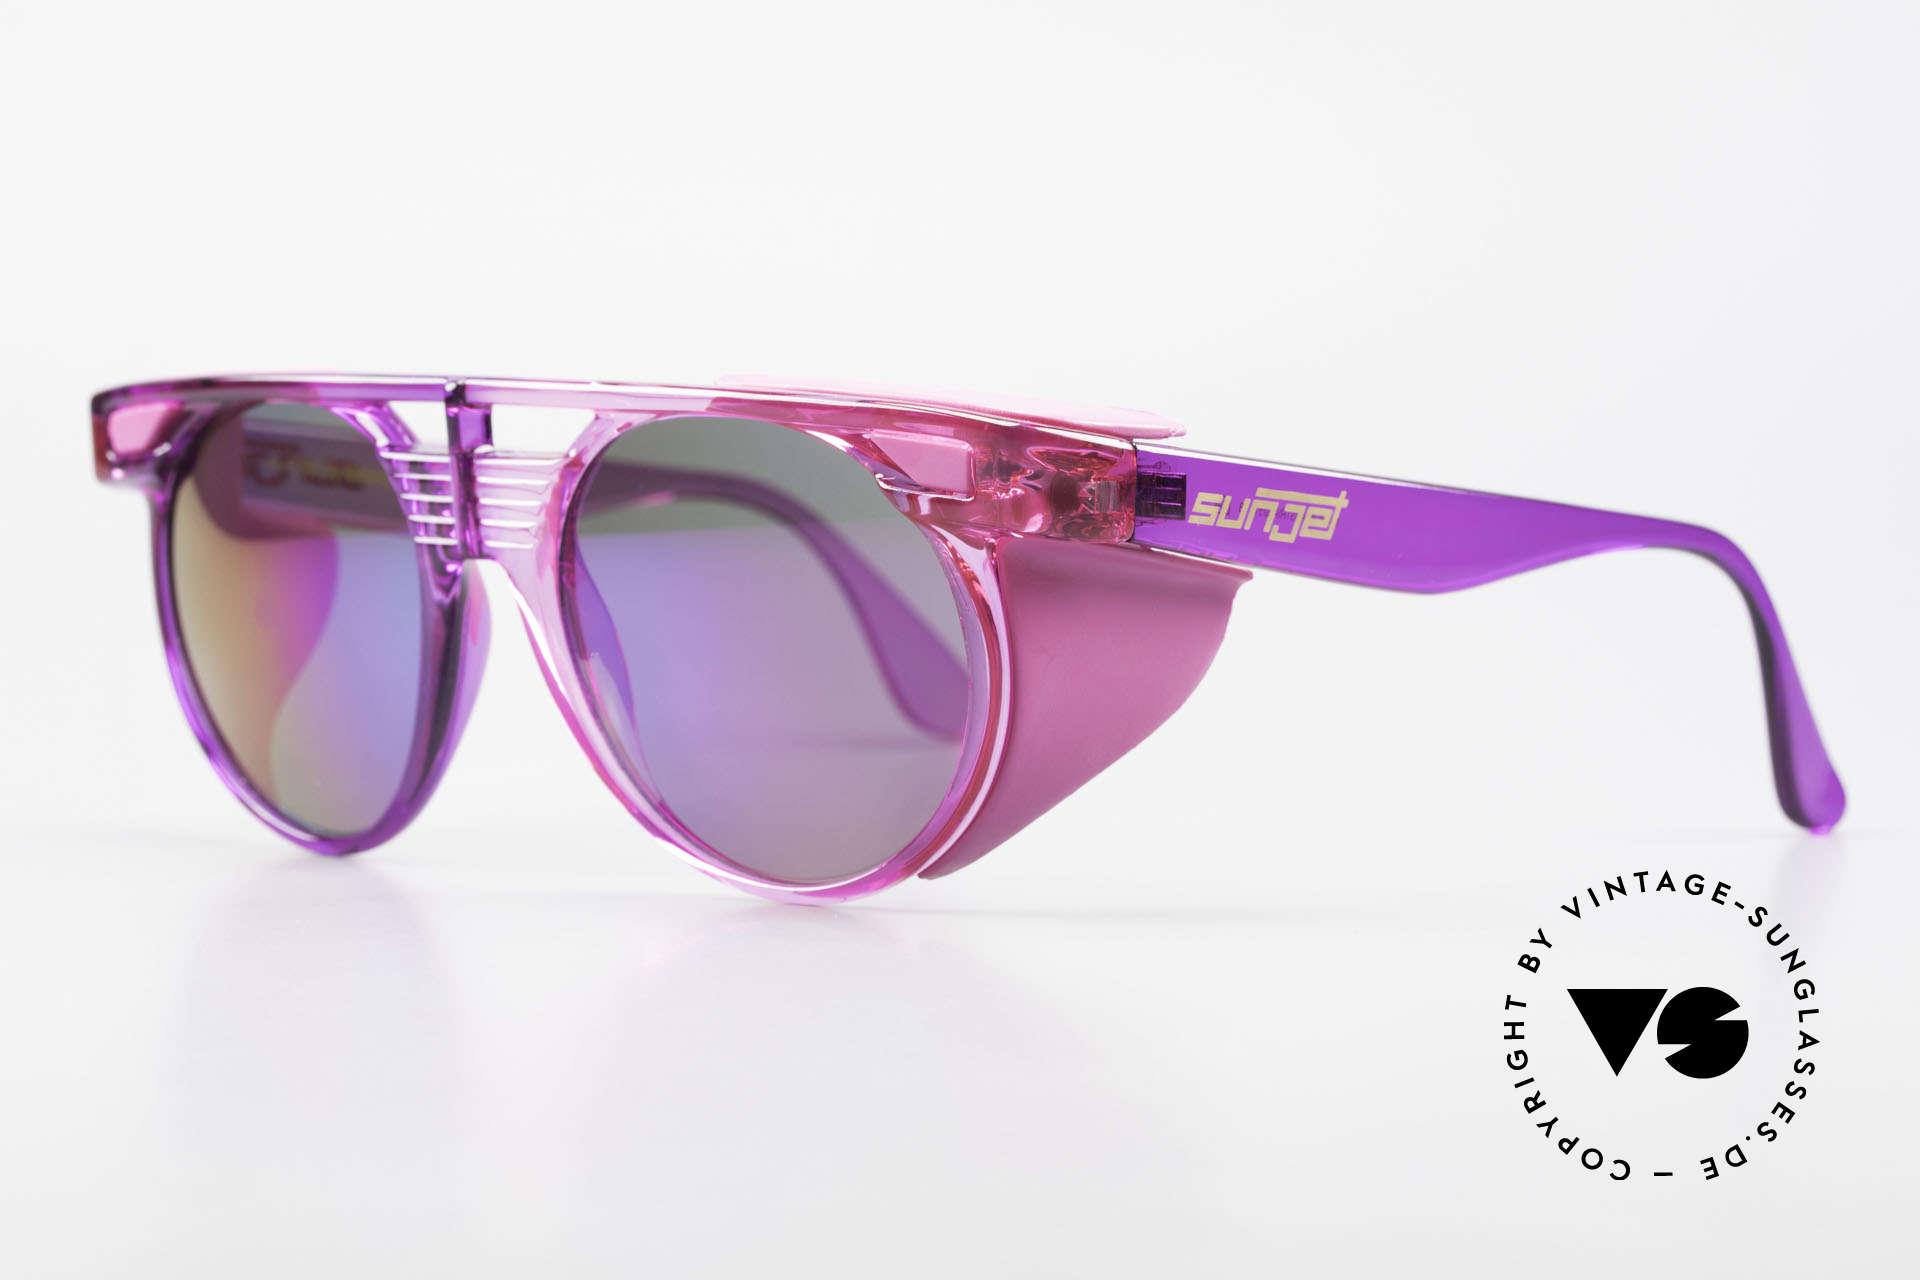 Carrera 5251 Runde Sonnenbrille Steampunk, 'Steampunk Sonnenbrille' oder 'Industrial Design', Passend für Herren und Damen